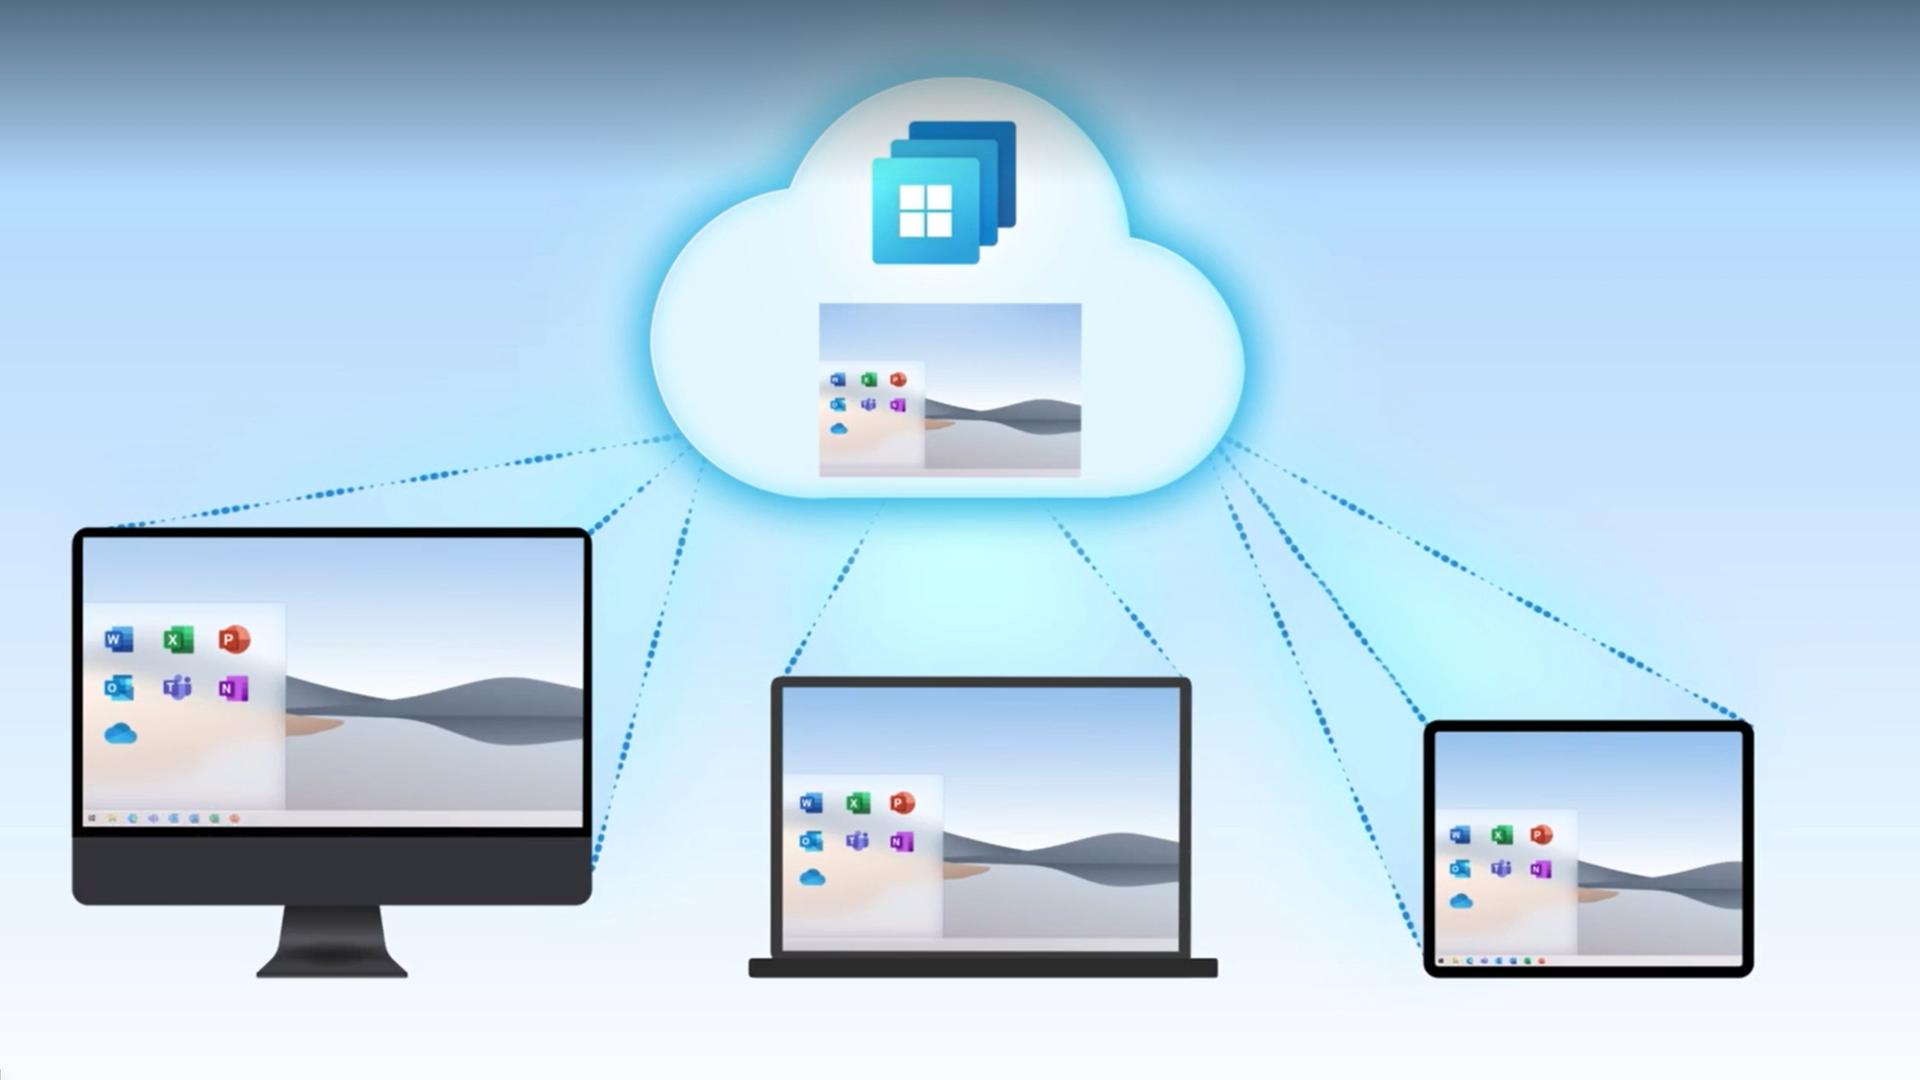 Ferestrele din Cloud se îndreaptă către diferite dispozitive